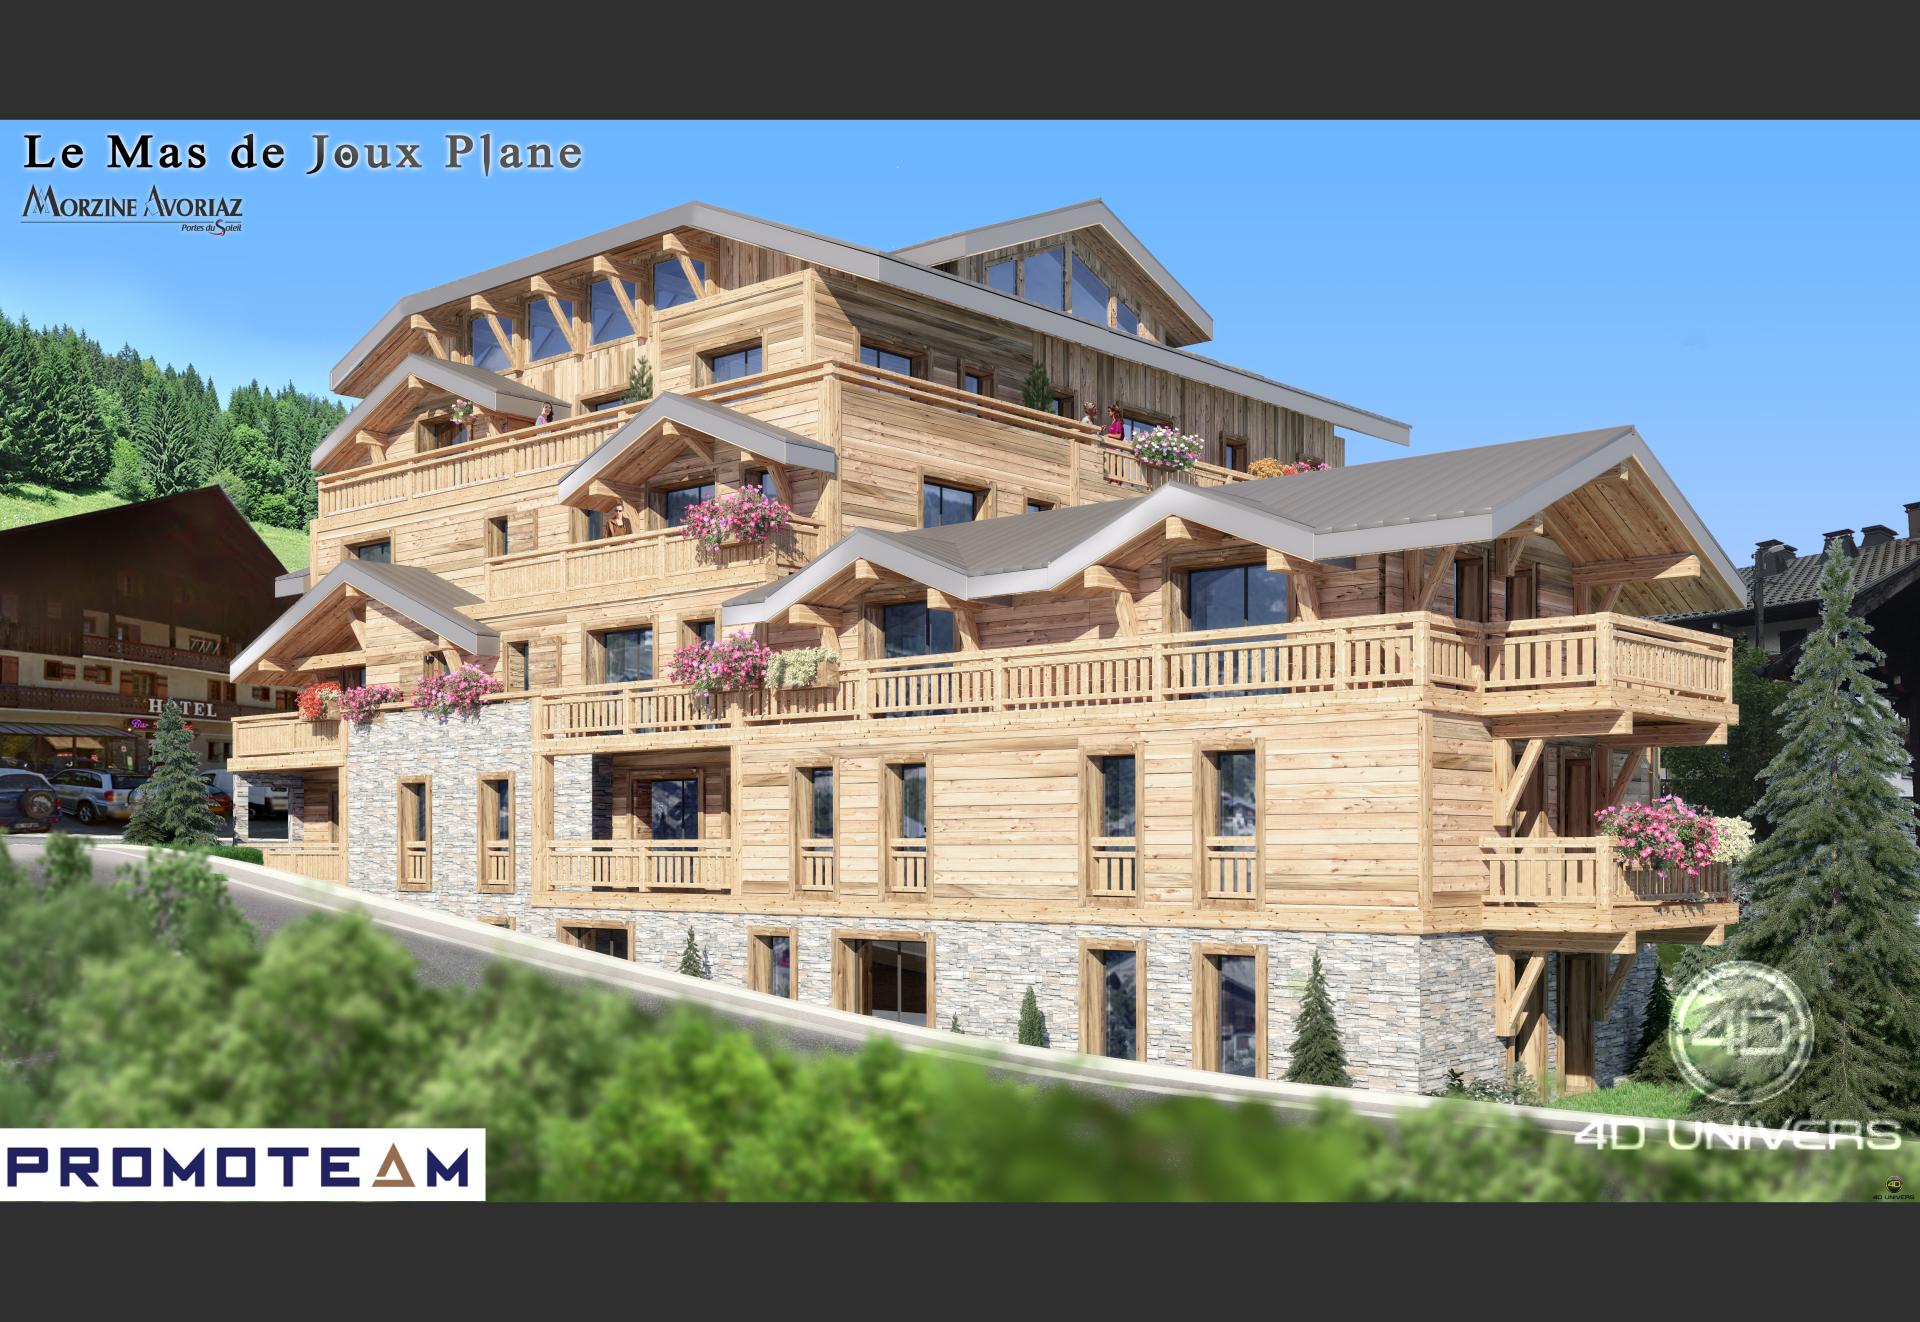 chalet de prestige 3d 4d univers studio animation 3d architecture 3d visites virtuelles